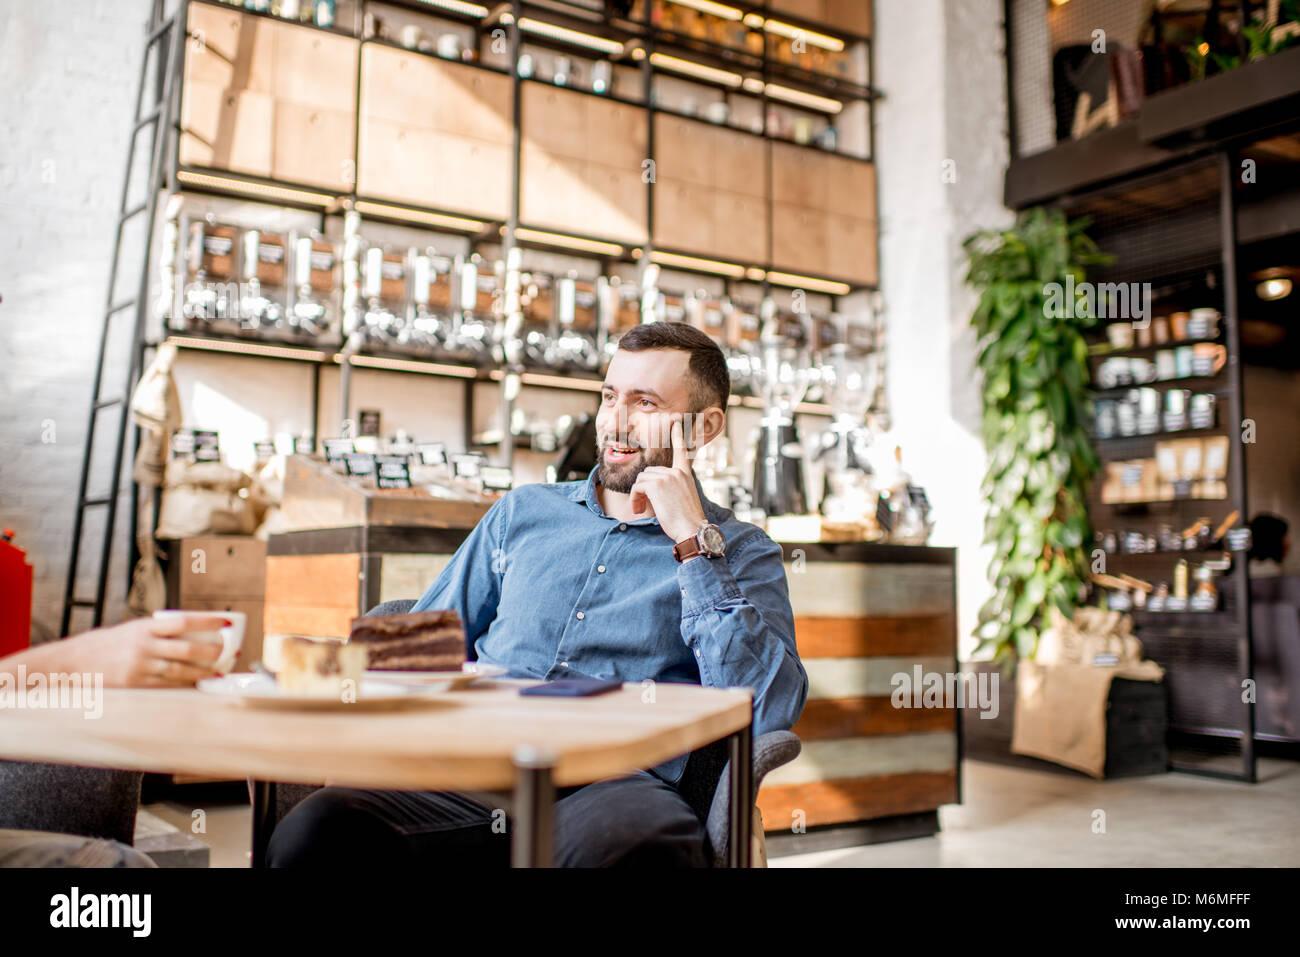 Uomo nel caffè Immagini Stock